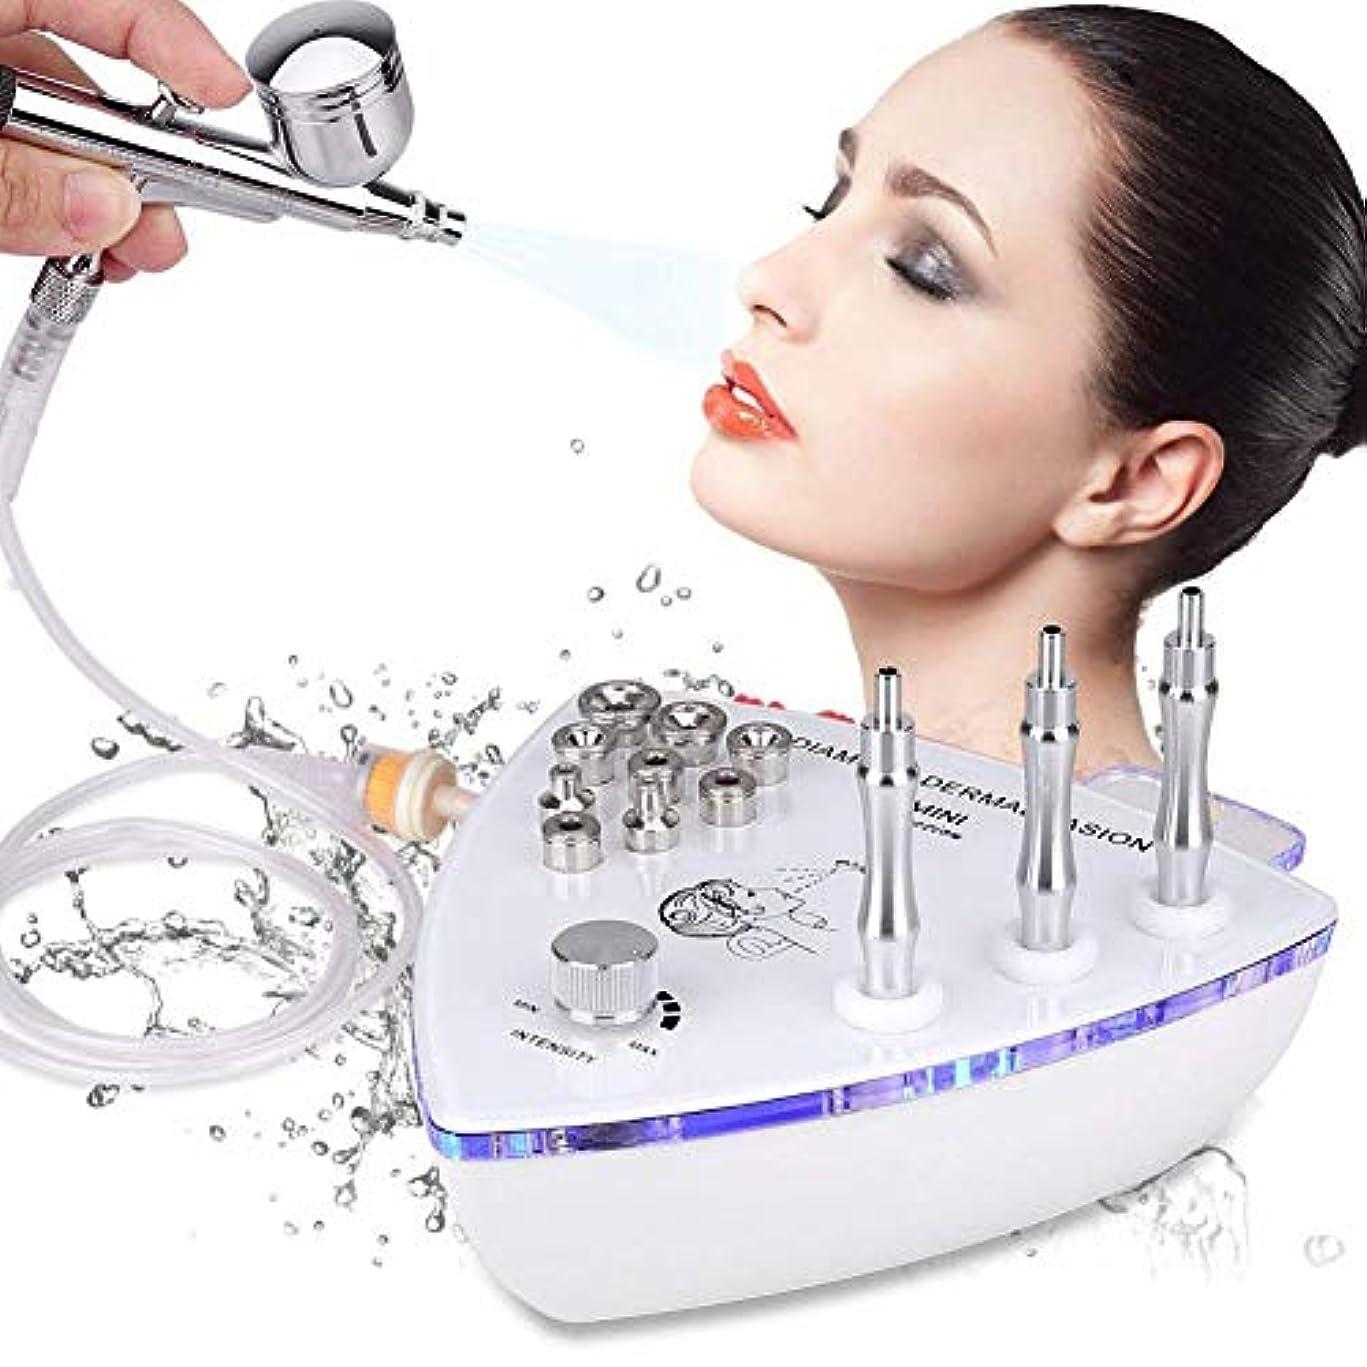 みなさん仕事に行く封筒スプレーガン水と美容機器 - ダイヤモンドマイクロダーマブレーション皮膚剥離機は真空吸引剥離フェイシャルマッサージ、しわフェイスピーリングマシン、顔の皮膚剥離装置スプレー